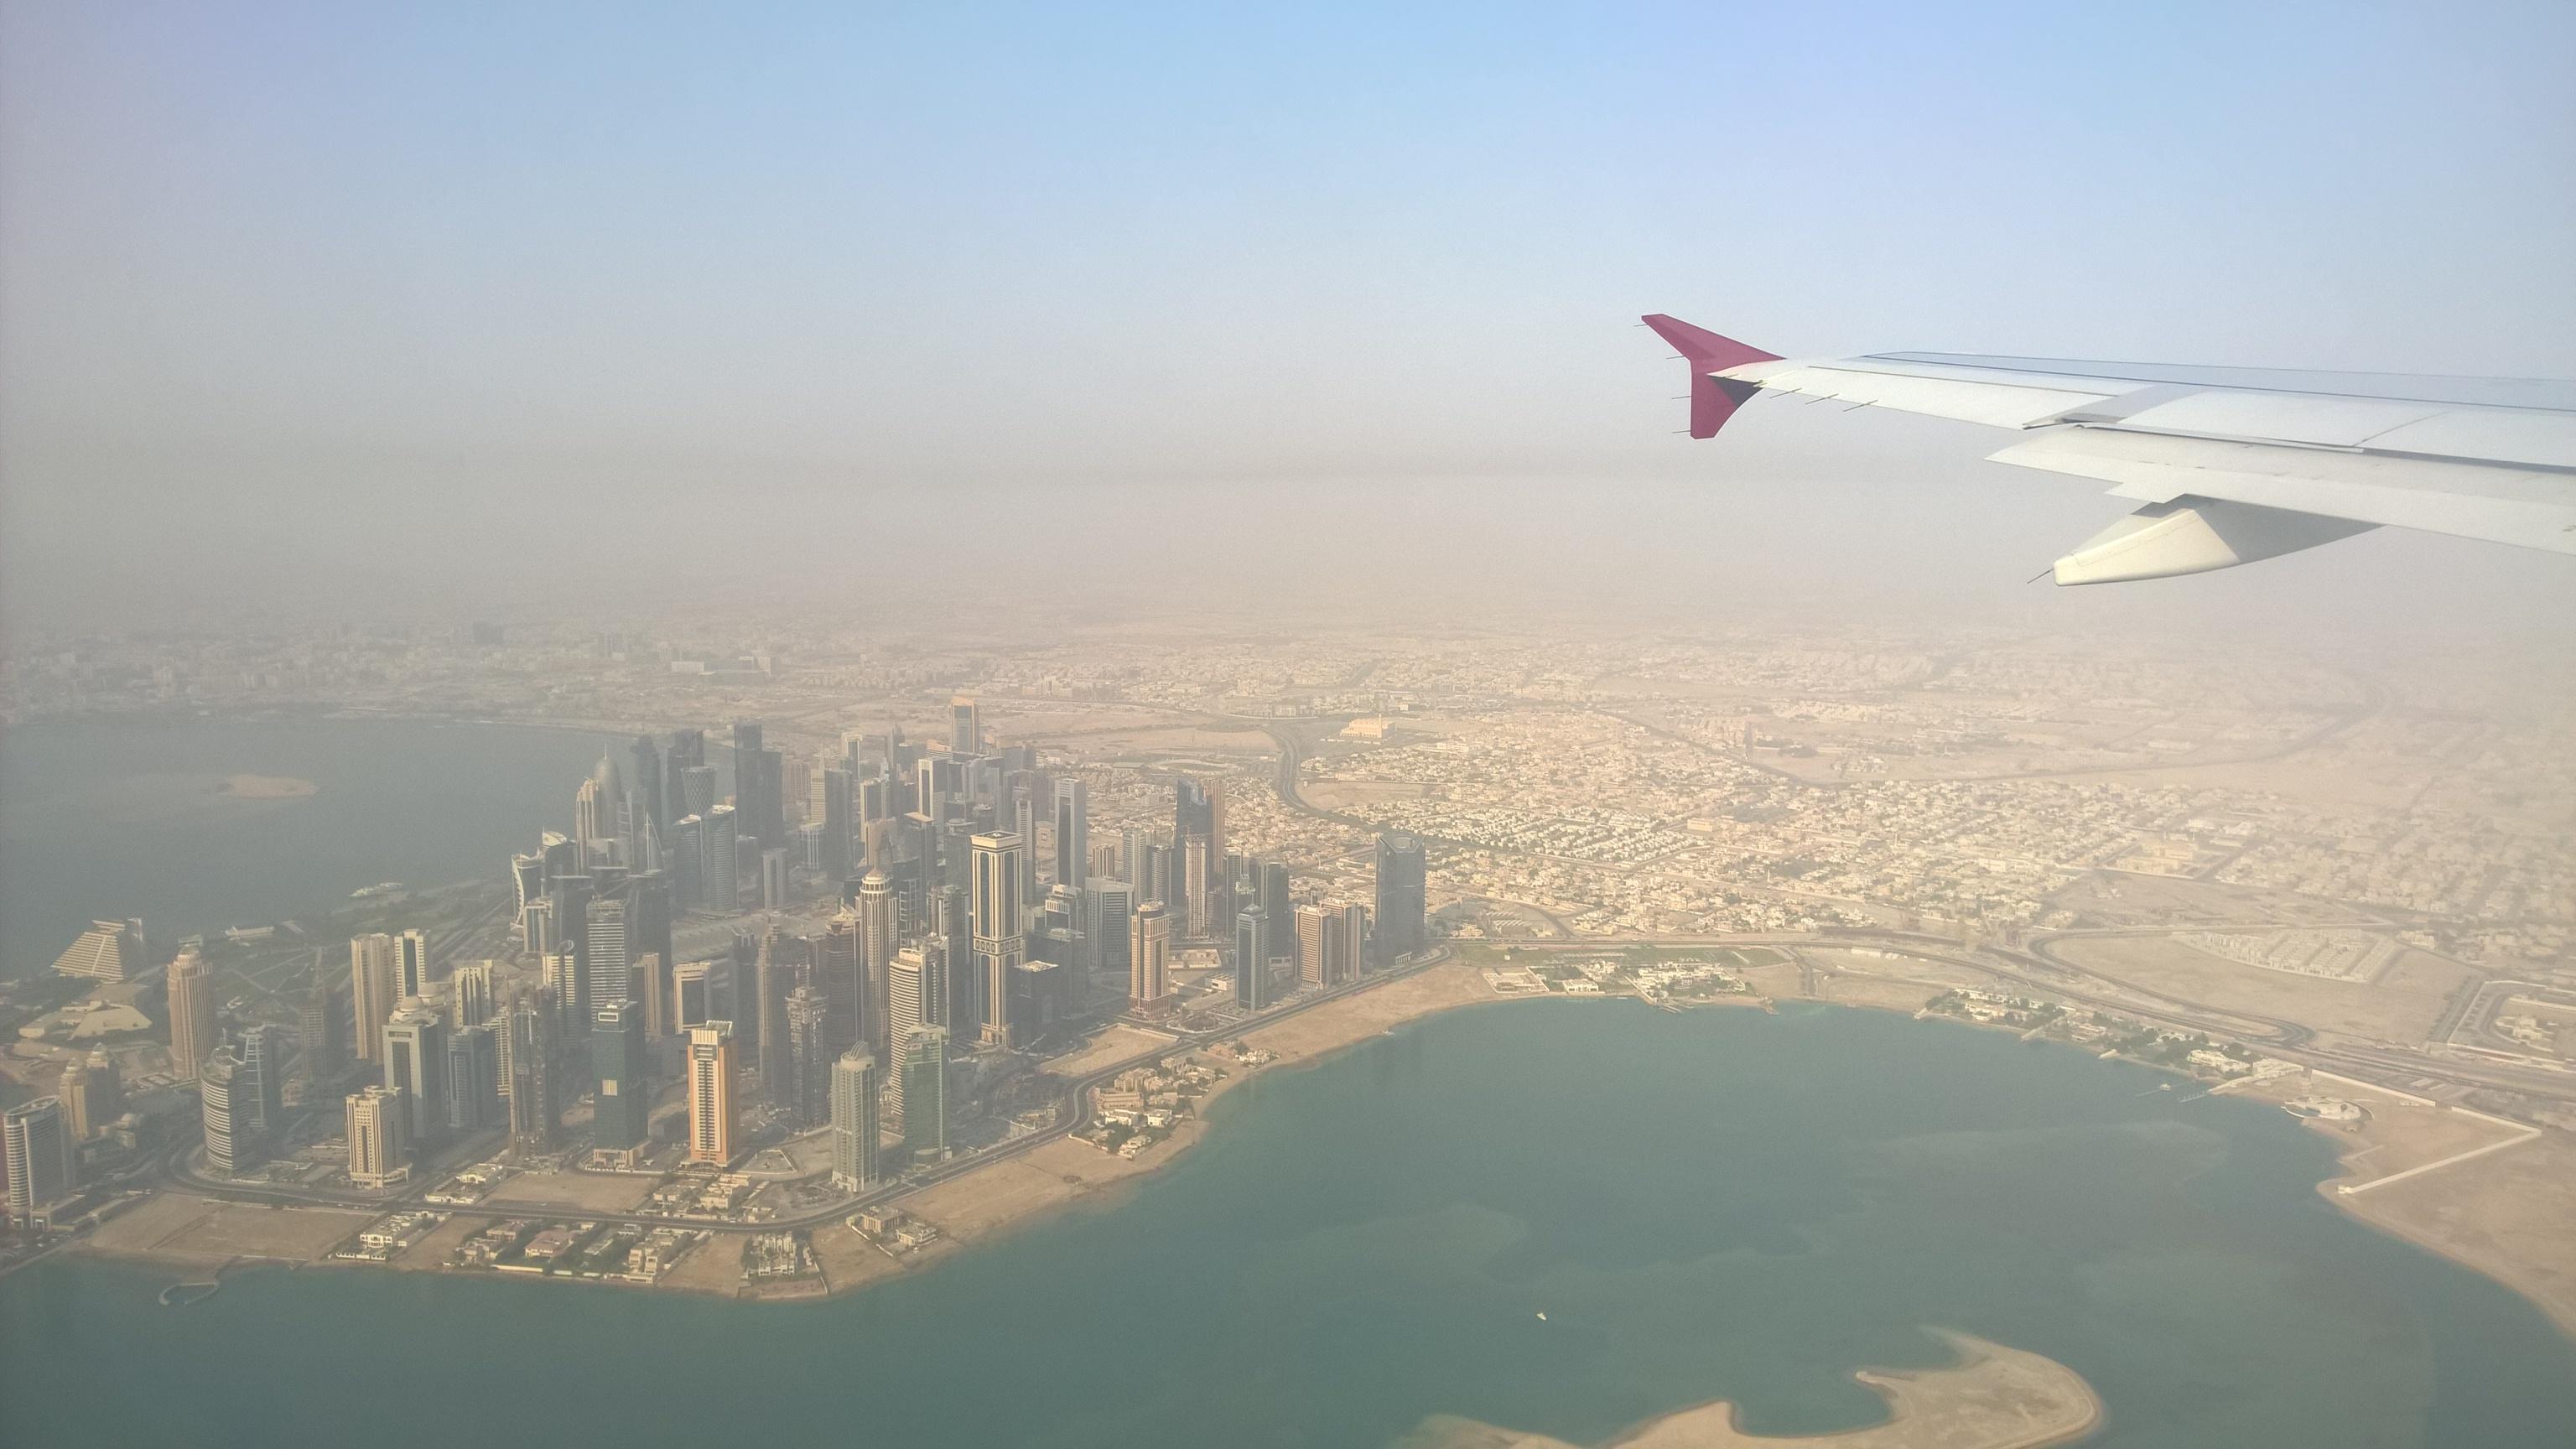 Ugyancsak Doha, beljebb már alacsonyabb épületekkel.